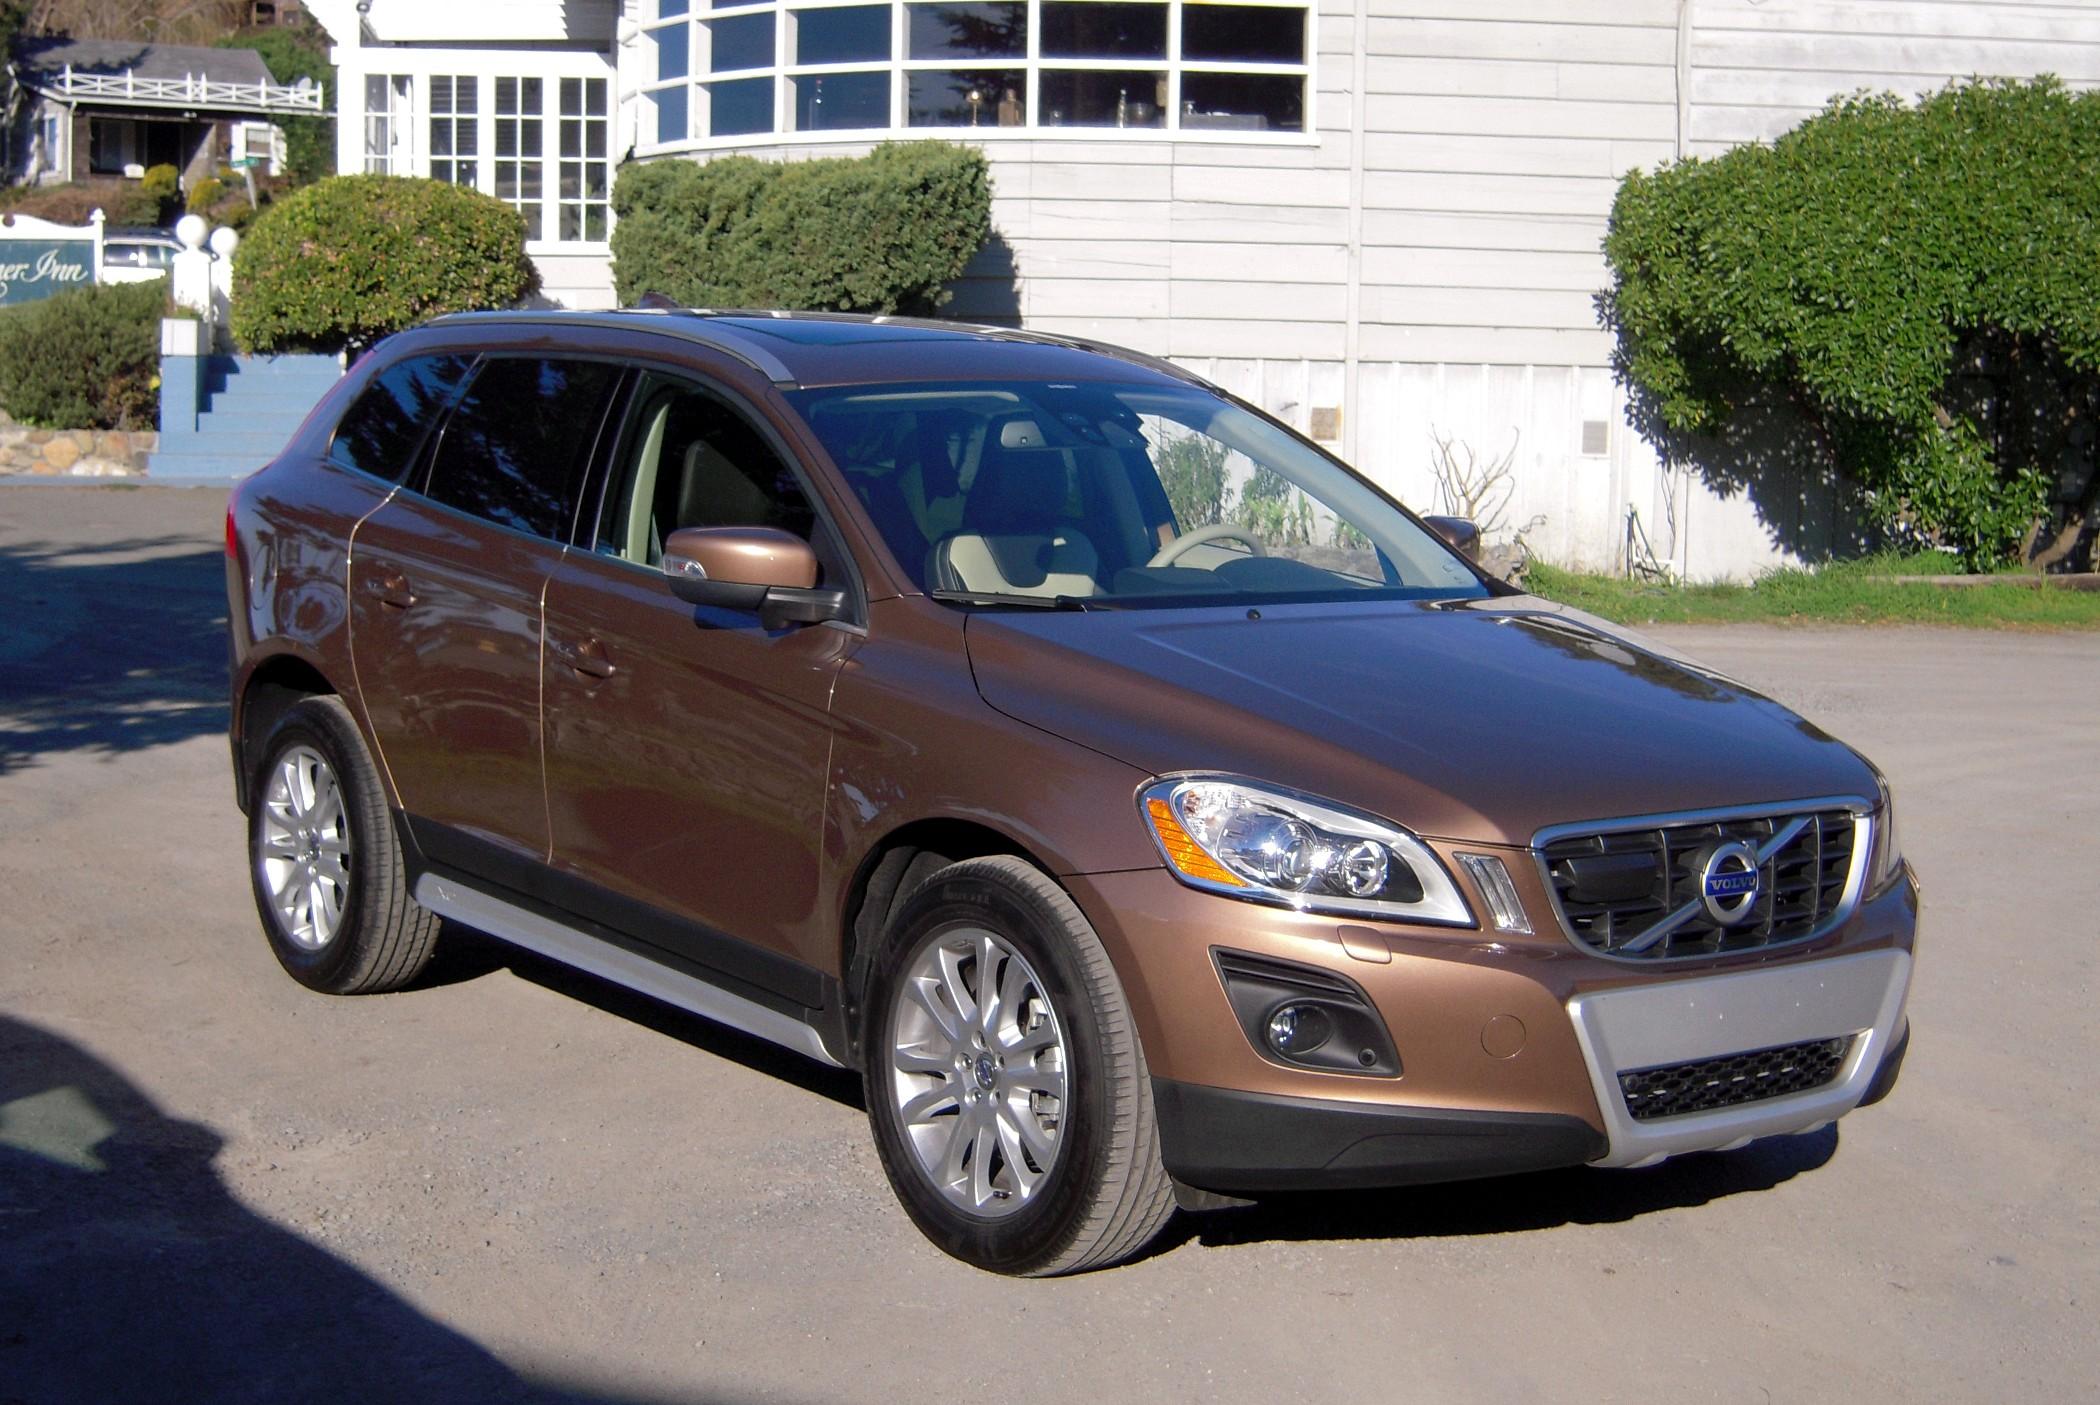 2010 Volvo Xc60 Image 10